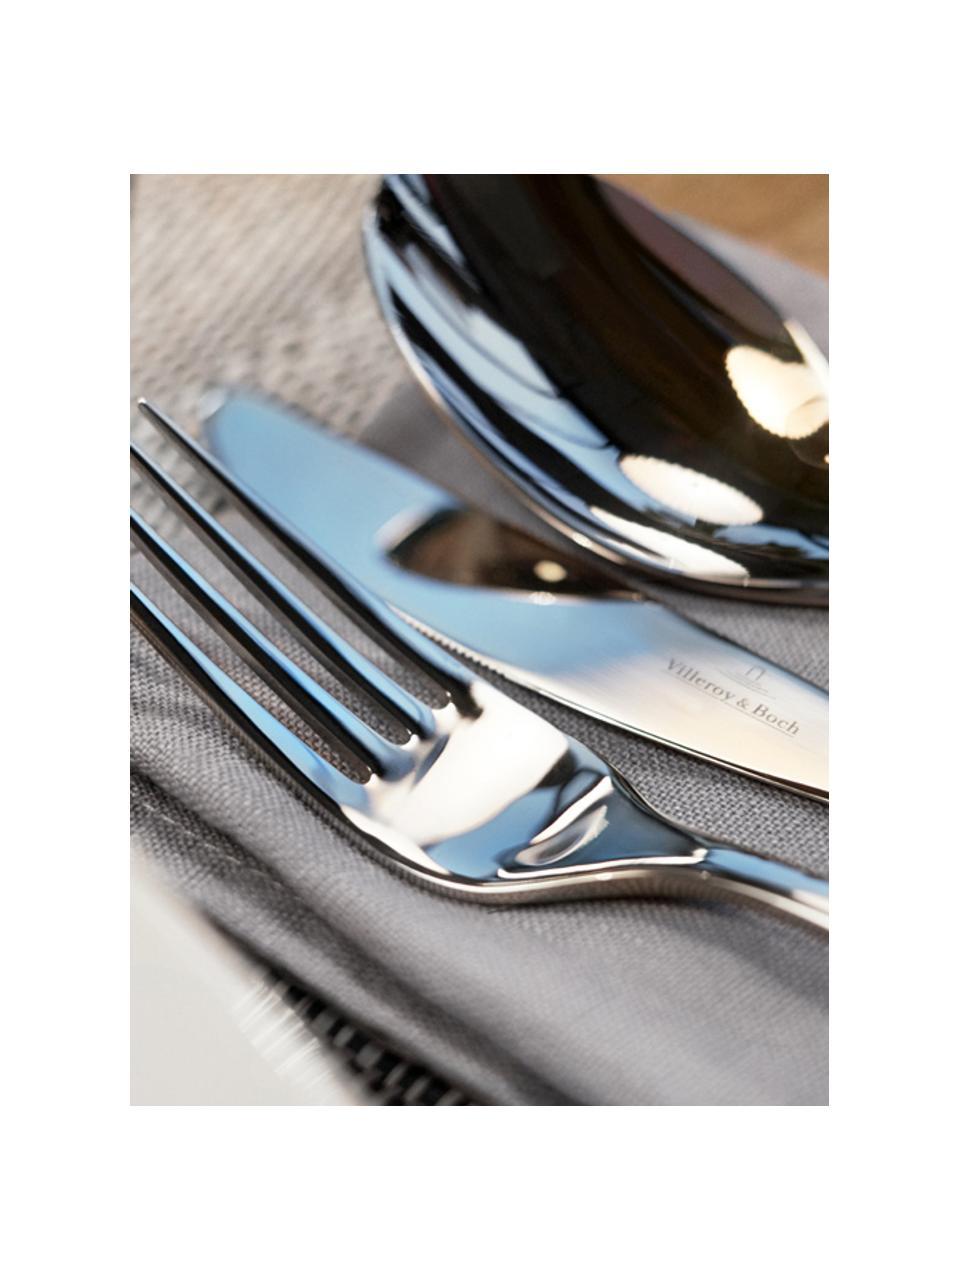 Zilverkleurige bestekset Soft Wave, 6 personen (24-delig), Edelstaal, Zilverkleurig, Set met verschillende formaten